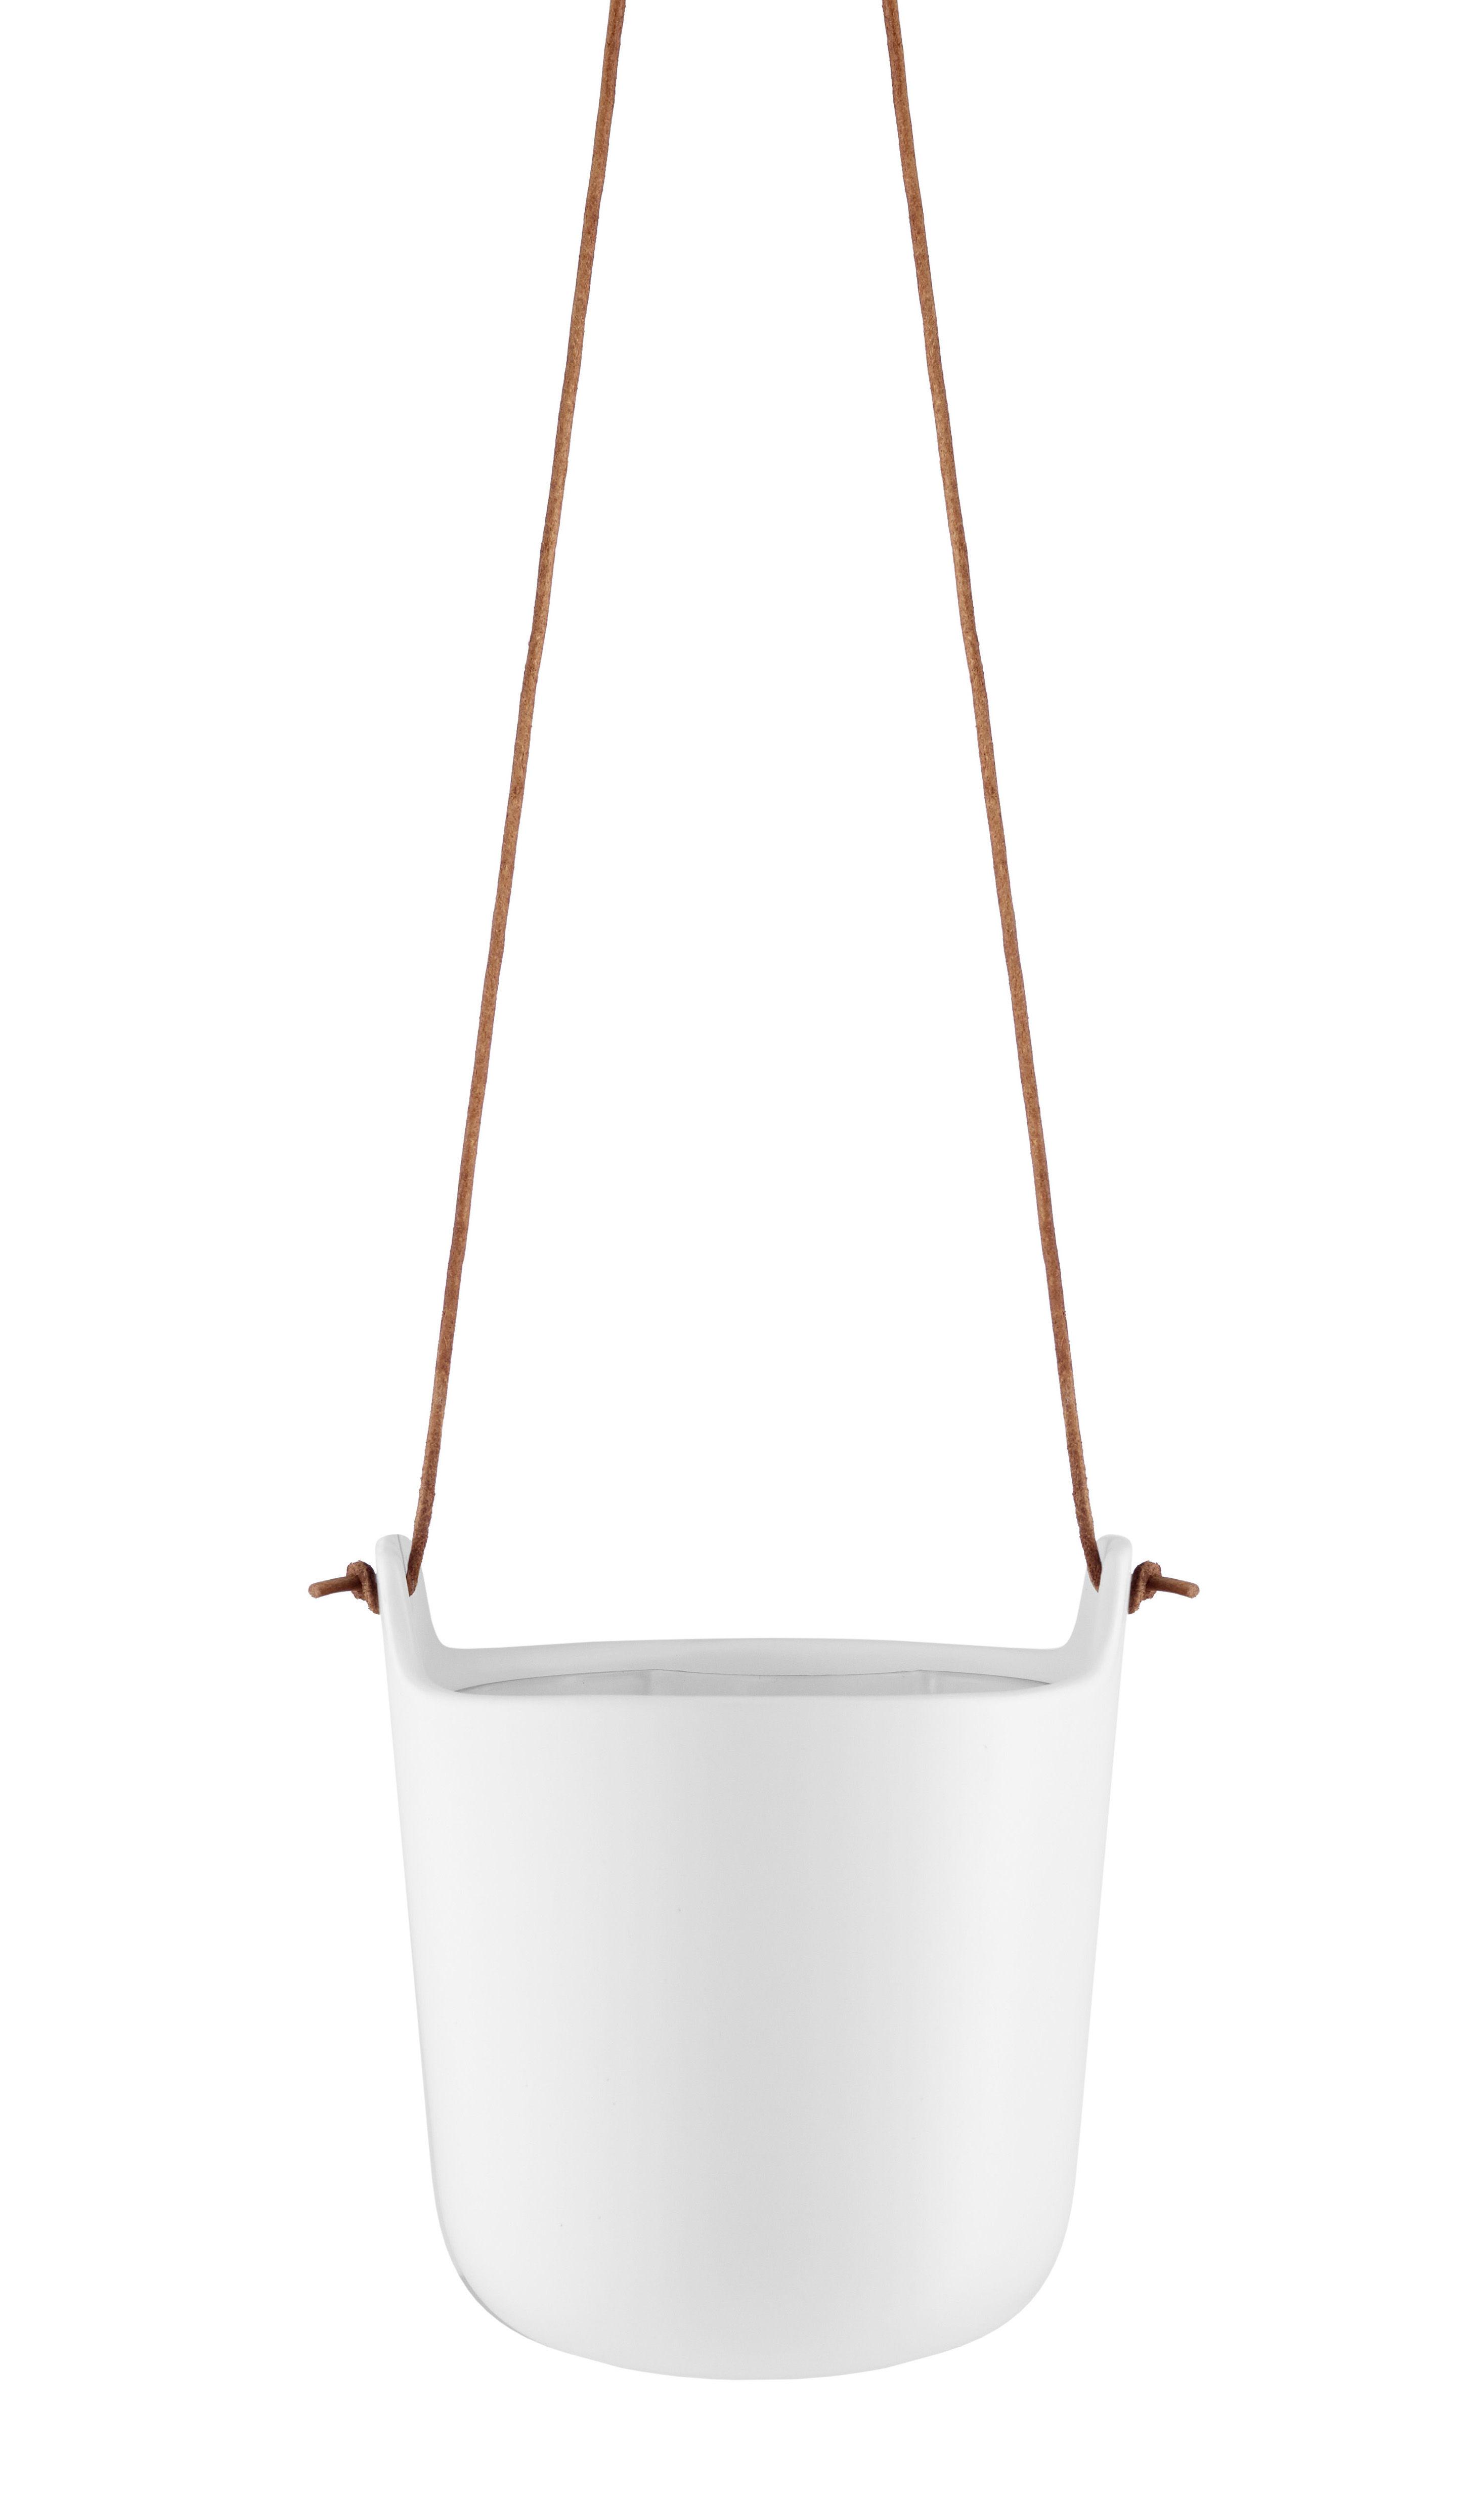 Interni - Vasi e Piante - Vaso sospeso - / Riserva d'acqua - Grès di Eva Solo - Bianco gesso / Cuoio naturale - Gres, Pelle, Plastica